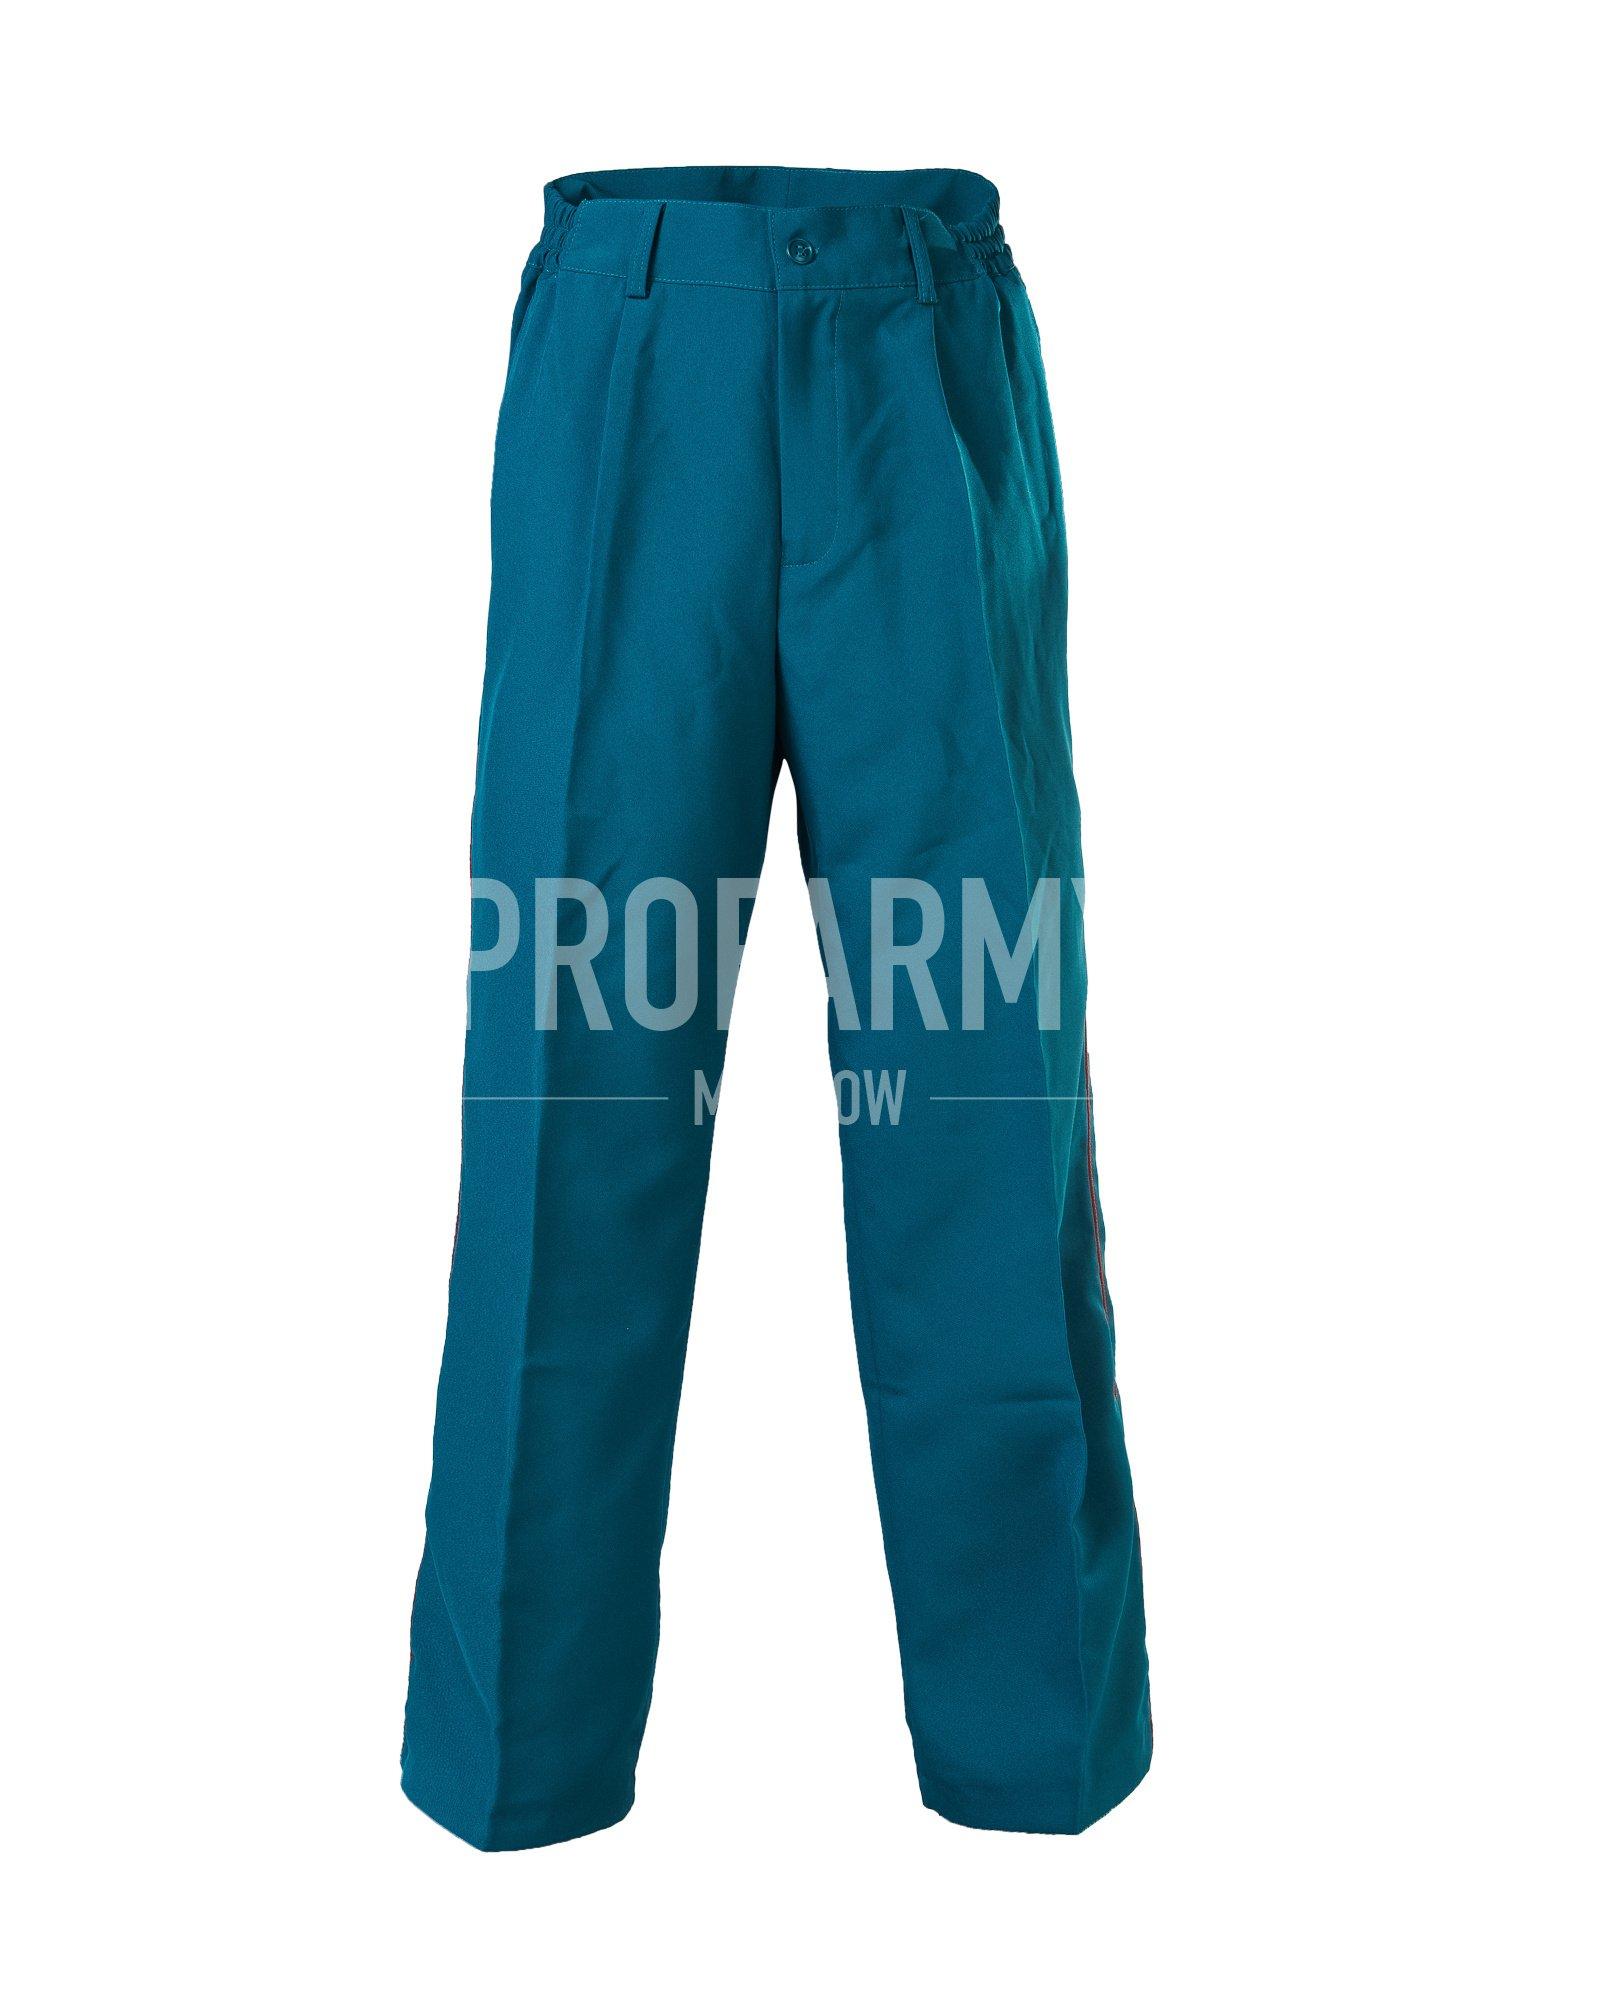 Брюки МЧС габардин, Форменные брюки - арт. 861430347